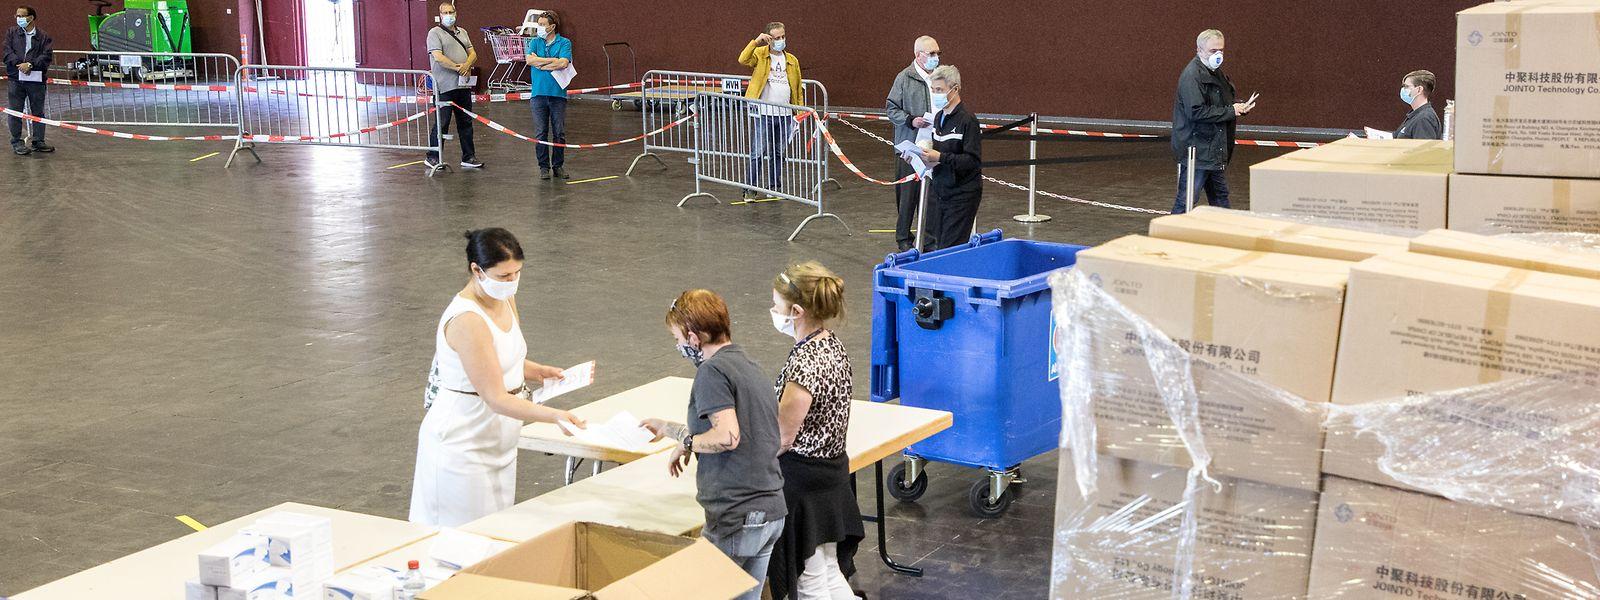 Le Hall Victor Hugo, à Luxembourg, avait déjà servi de site à la distribution de masques. Cette fois, il sera mobilisé pour devenir centre de vaccination.